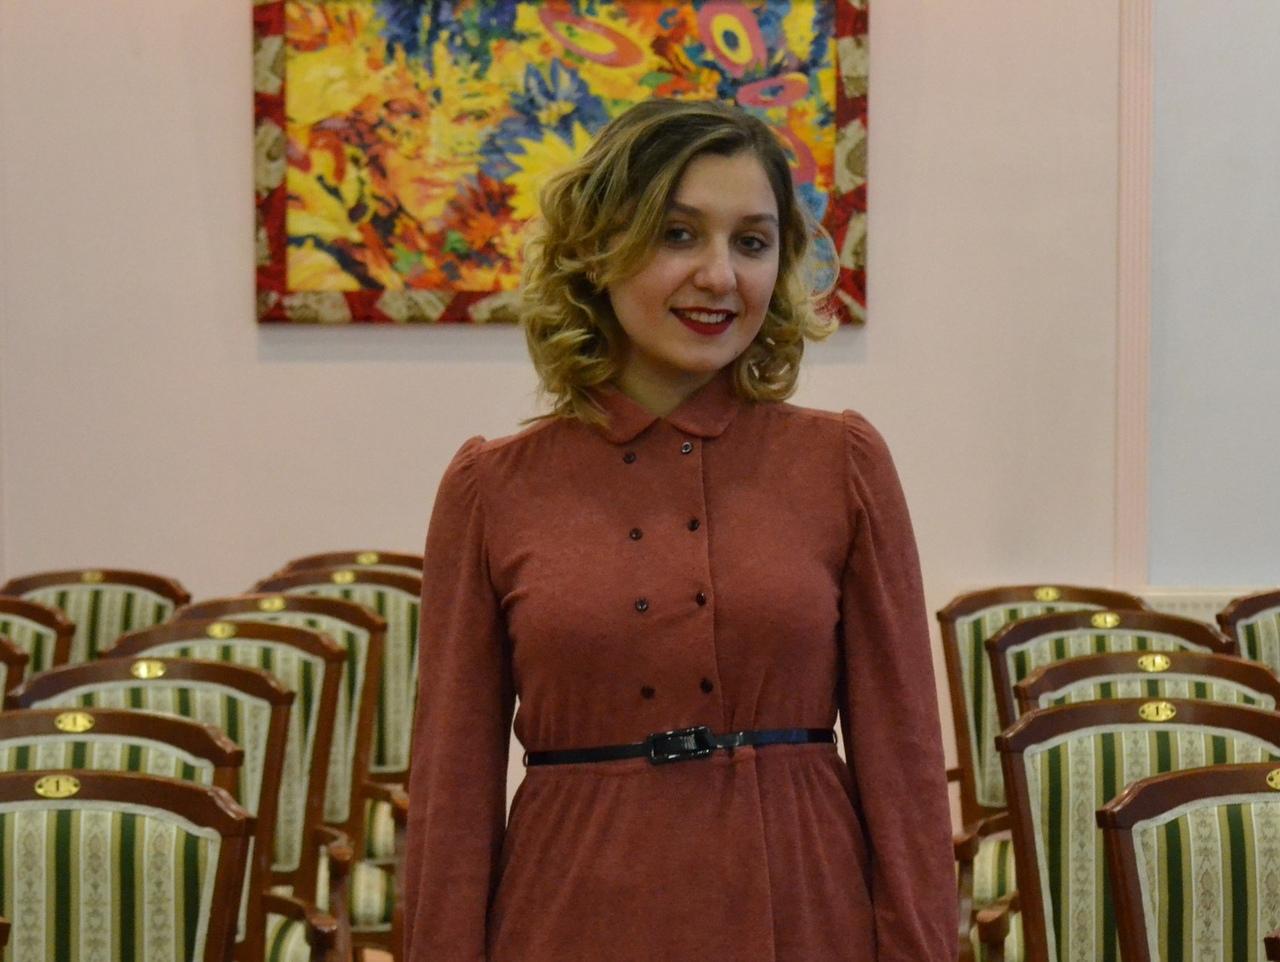 Режиссер филармонии Татьяна Хмельницкая стала лауреатом международного конкурса в Санкт-Петербурге